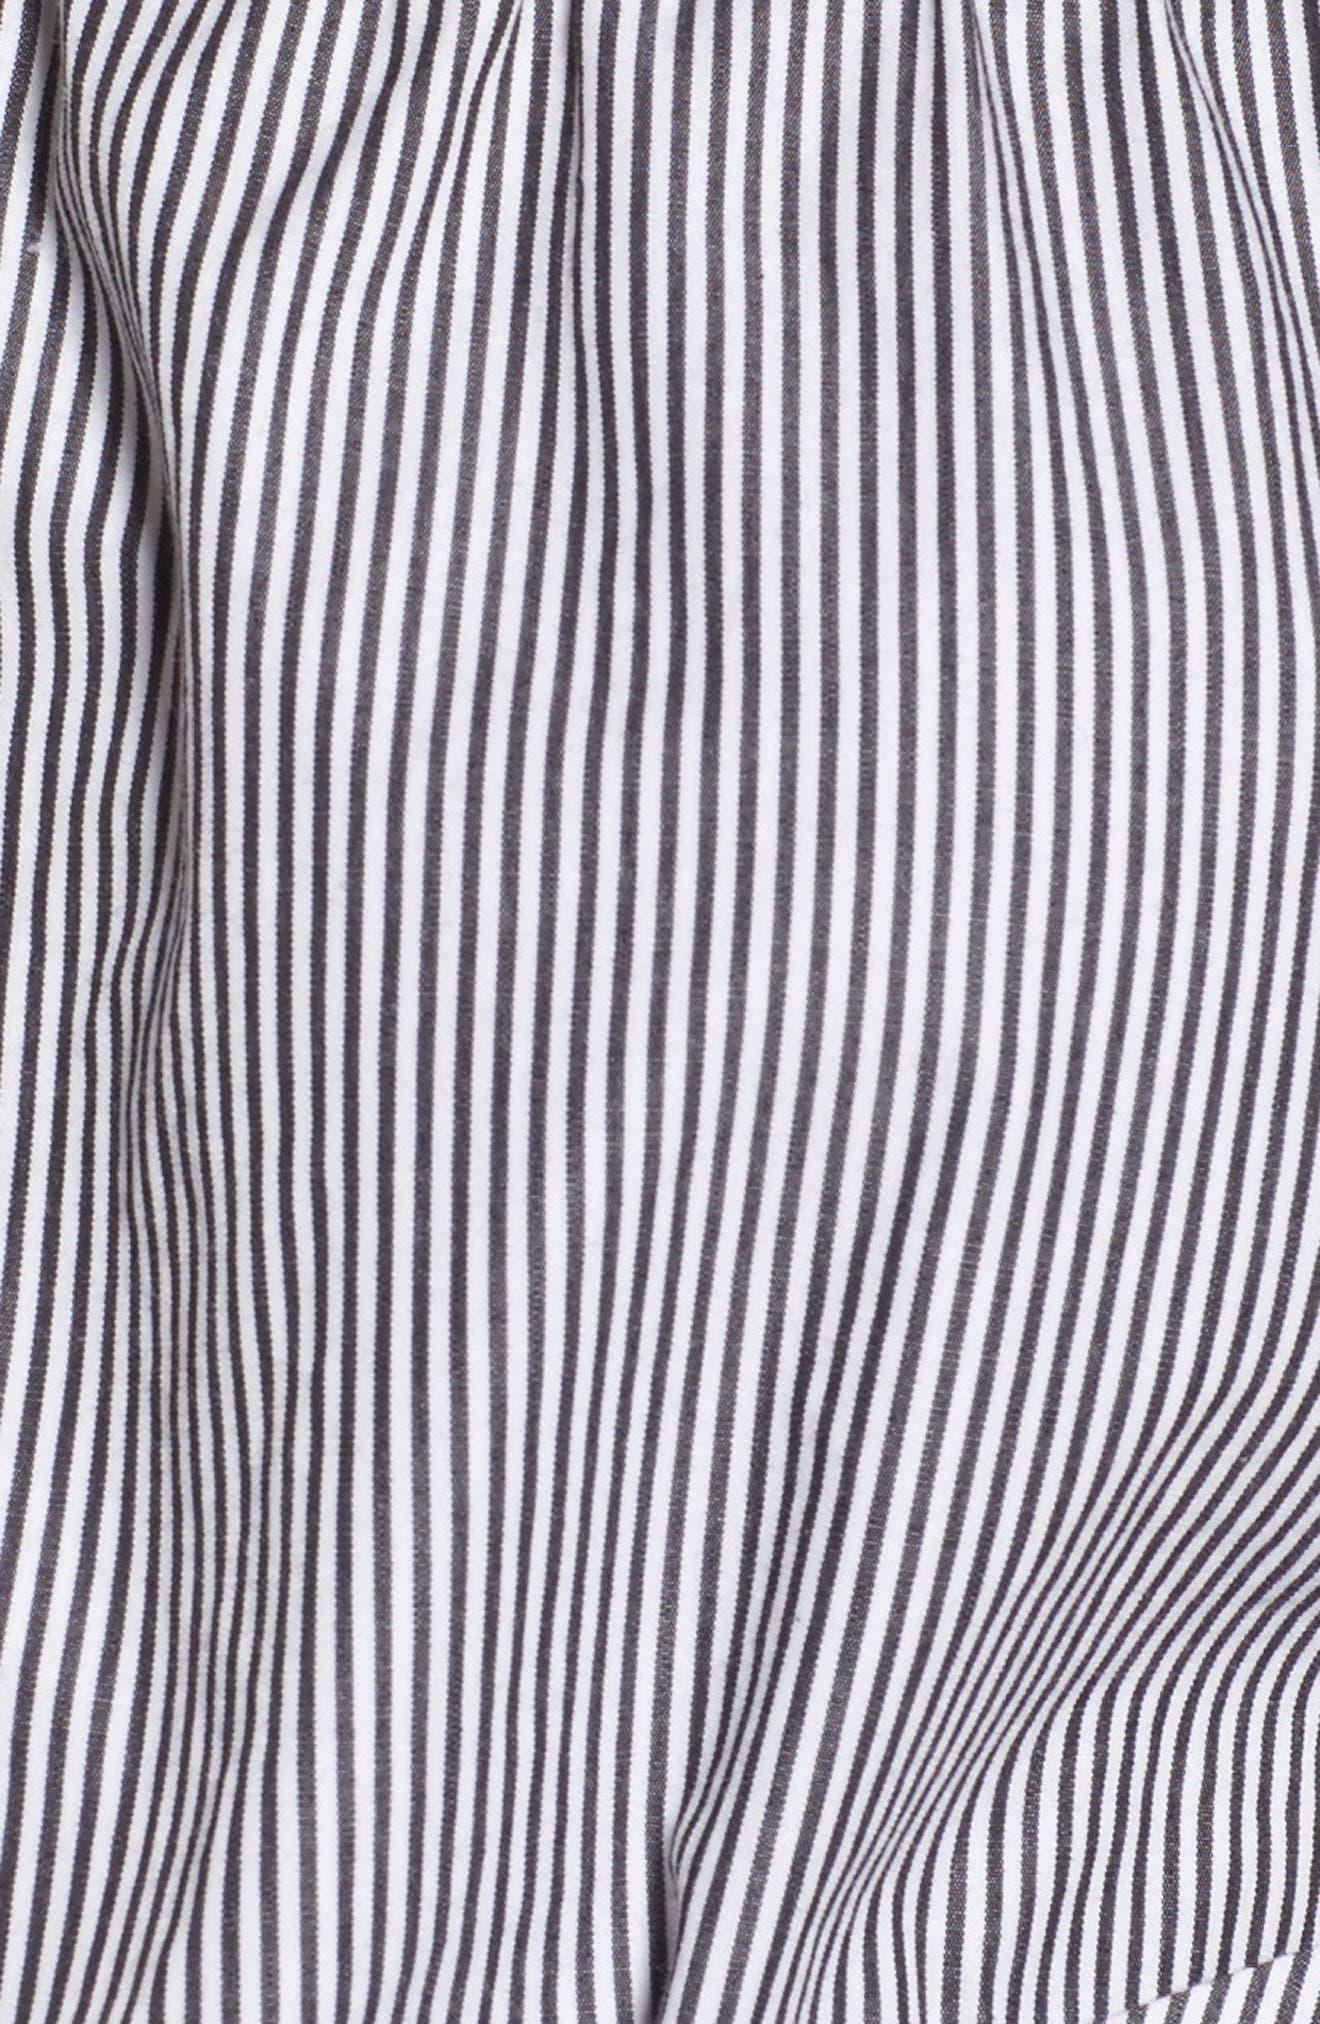 BP Tie Detail Off the Shoulder Top,                             Alternate thumbnail 5, color,                             001